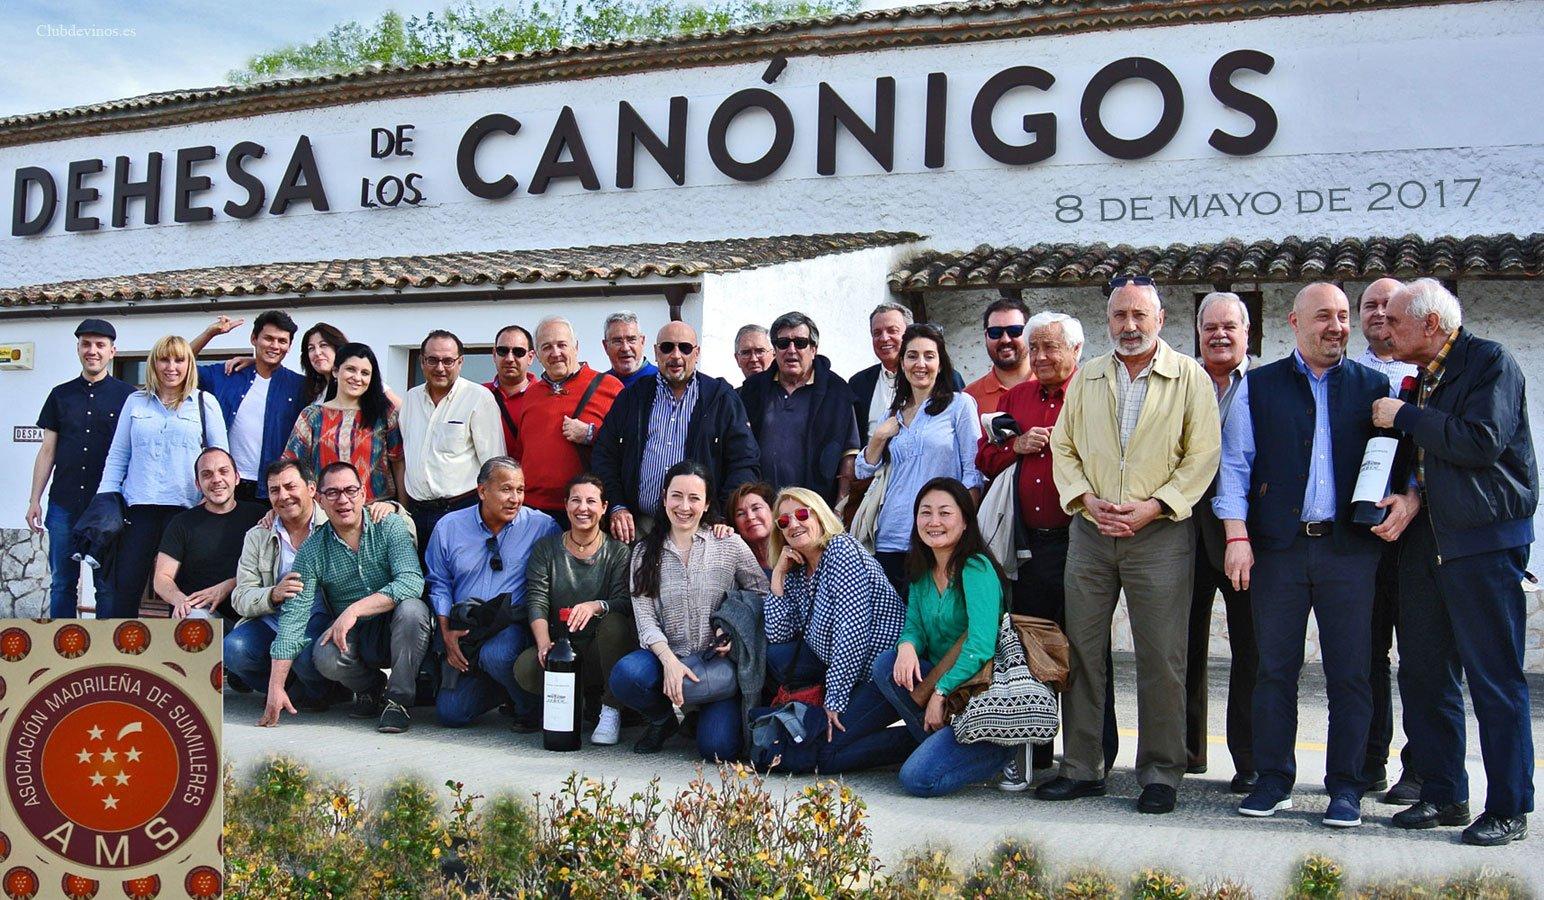 La AMS-Asociación Madrileña de Sumilleres, visita la bodega Dehesa de los Canónigos. Pesquera de Duero (Valladolid). Lunes, 8 de mayo de 2017.